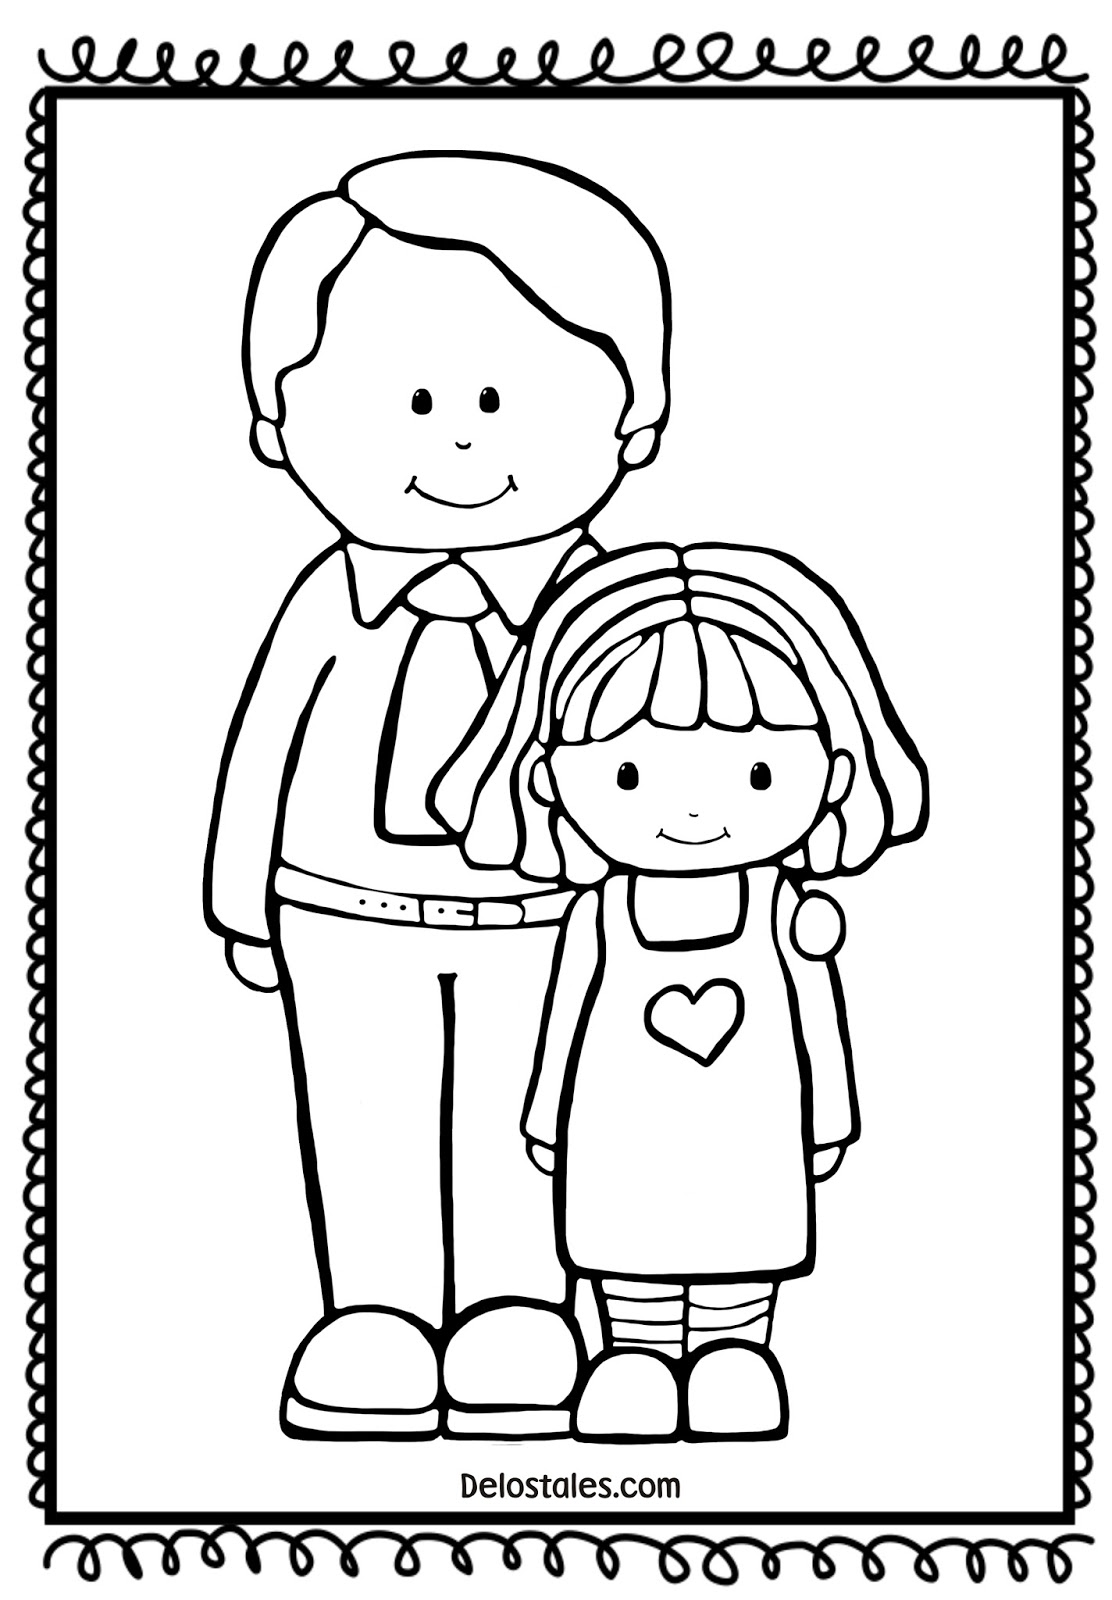 Dibujos Para Colorear Para El Dia Del Padre Gratis 60 Imágenes Del